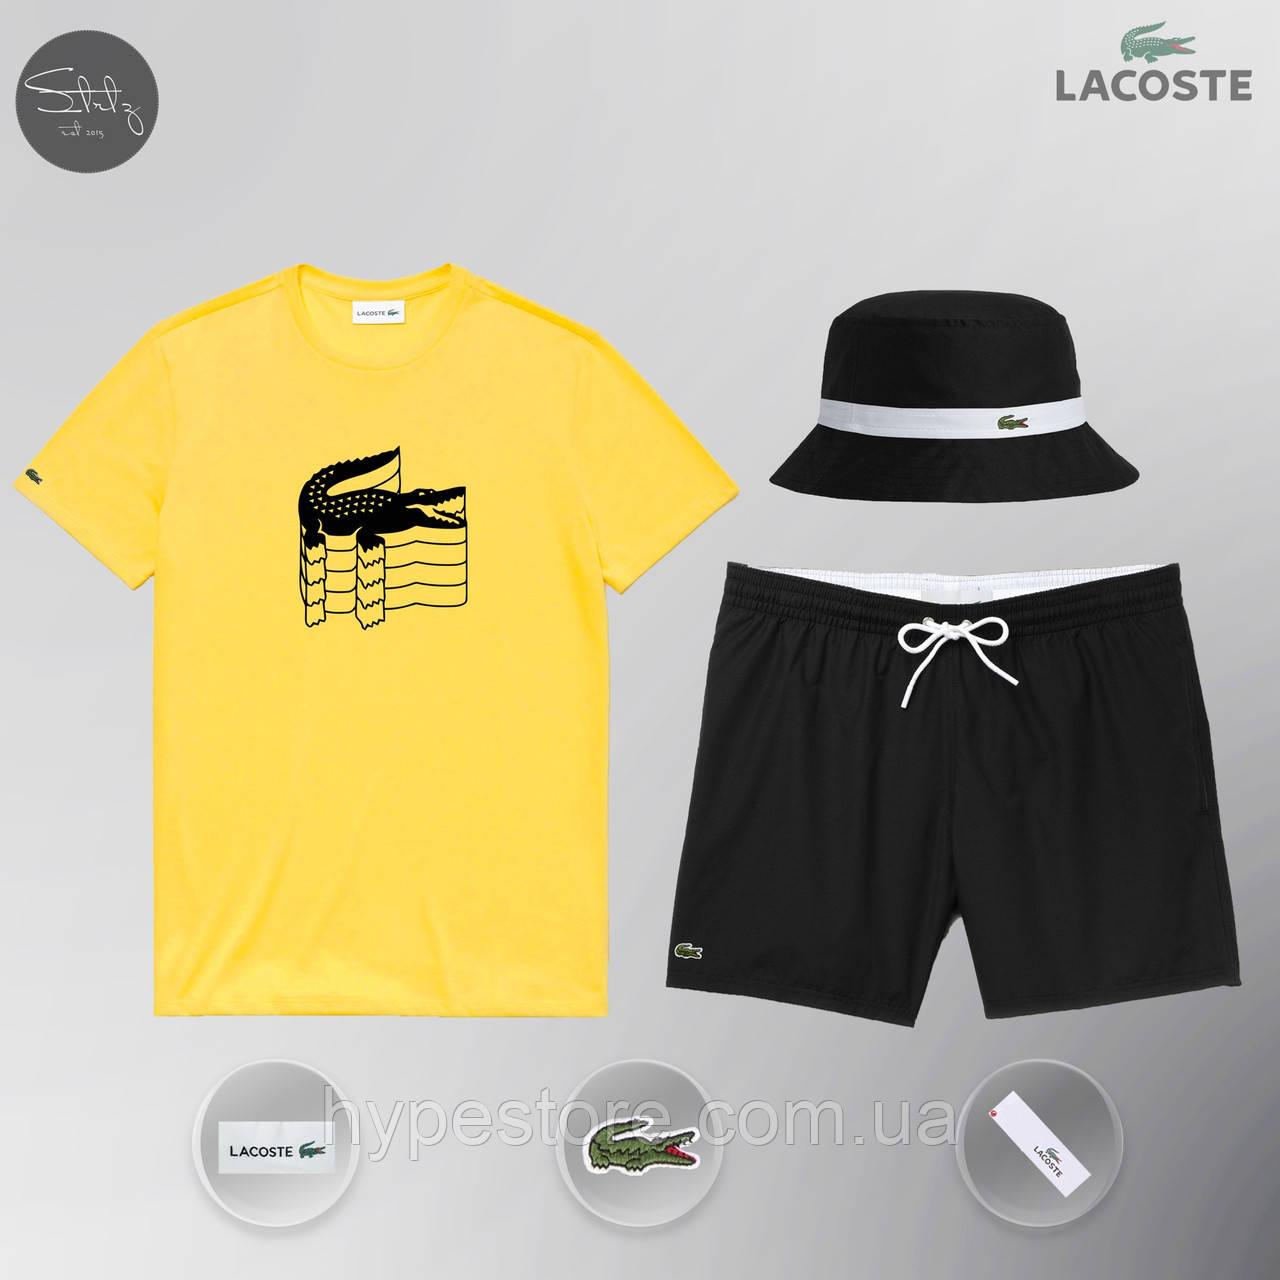 Мужской спортивный костюм лето, пляжный комплект Lacoste Flesh, шорты+футболка, панама, Реплика